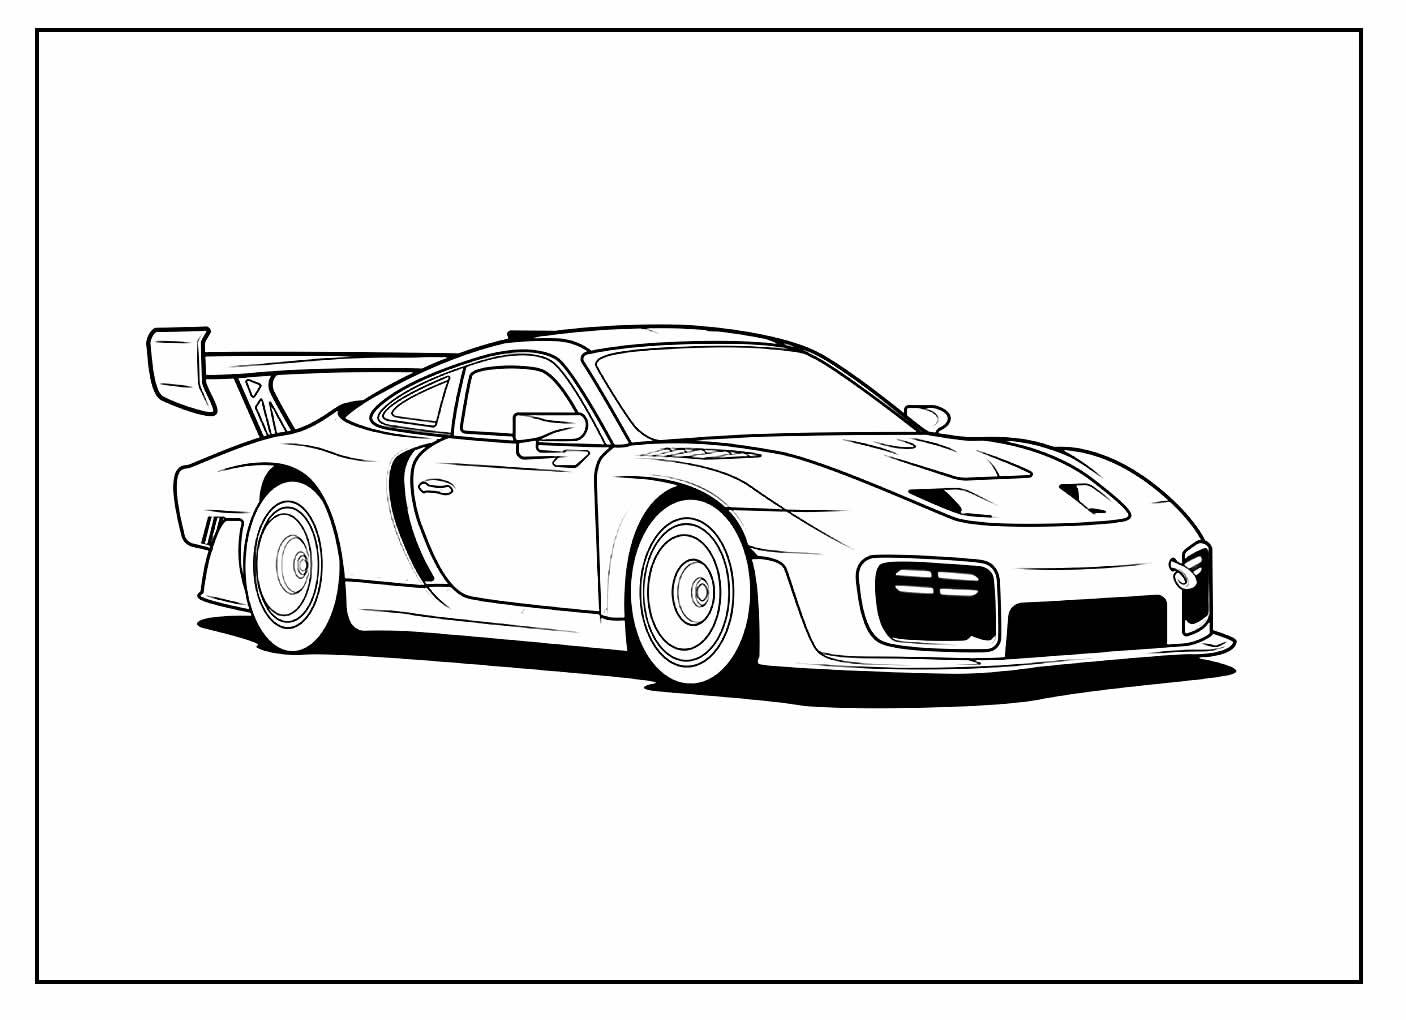 Página para colorir de Carros